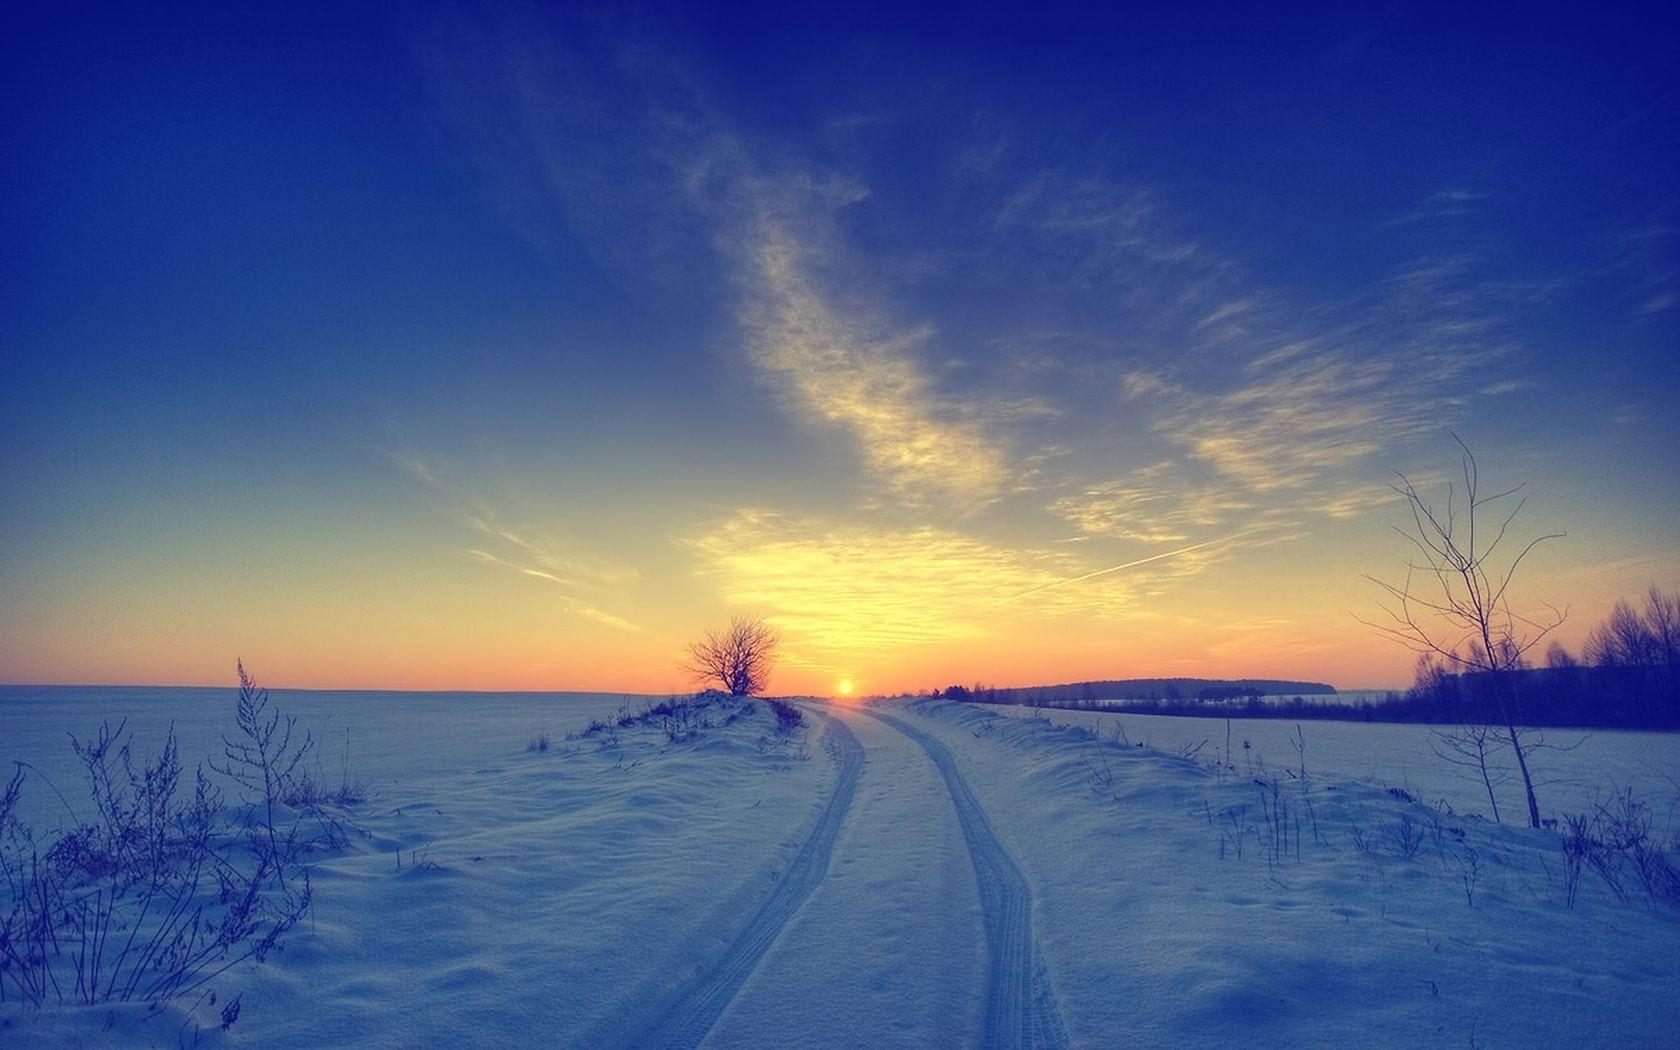 картинки на рабочий стол небо солнце снег плюс